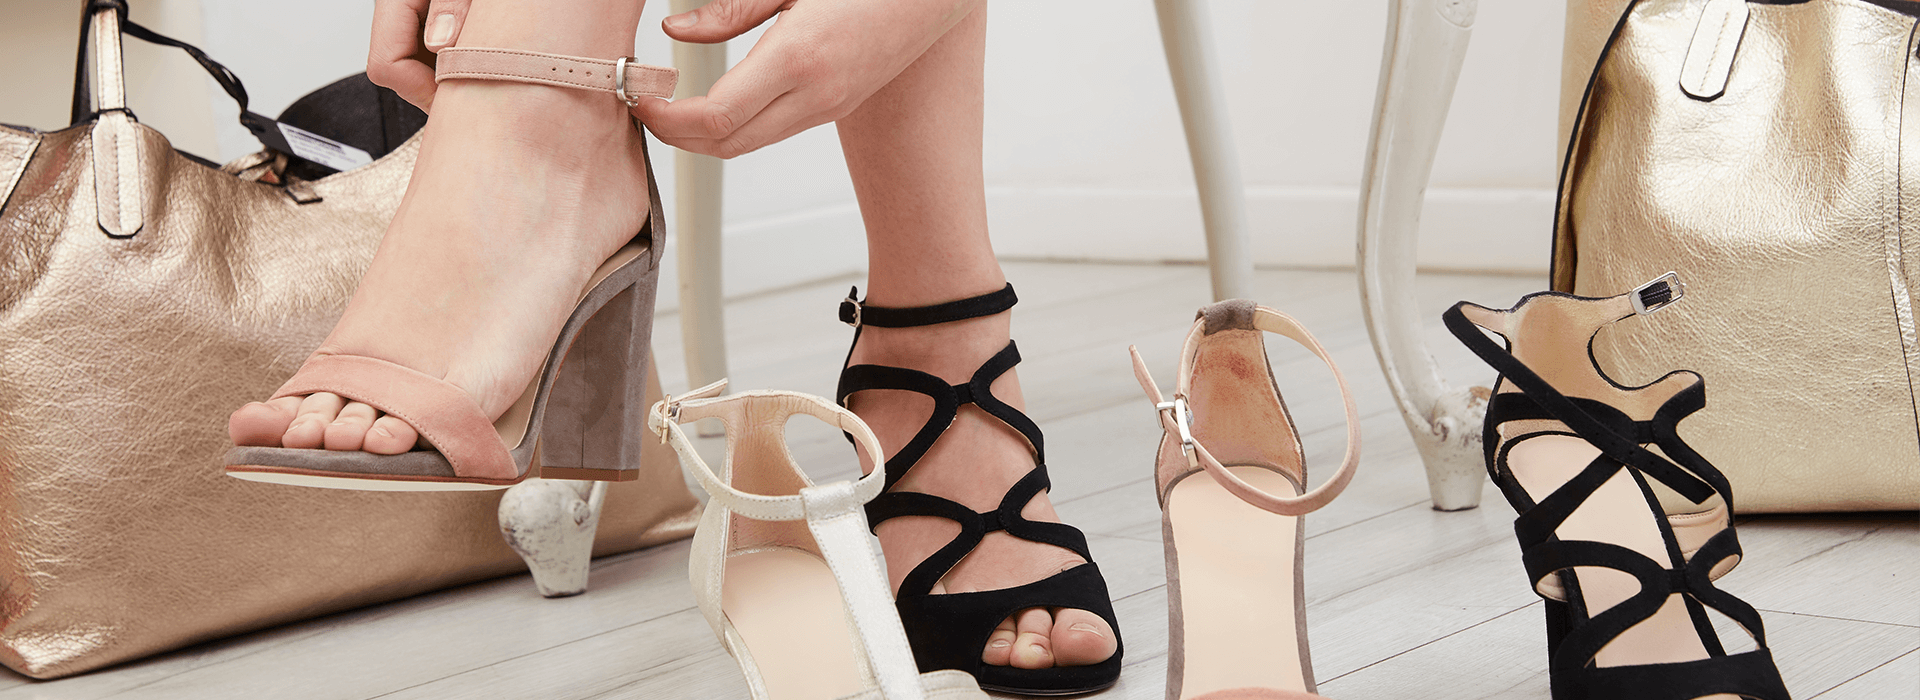 slider-commande-en-ligne-acceuil-boutique-de-chaussures-Hannut